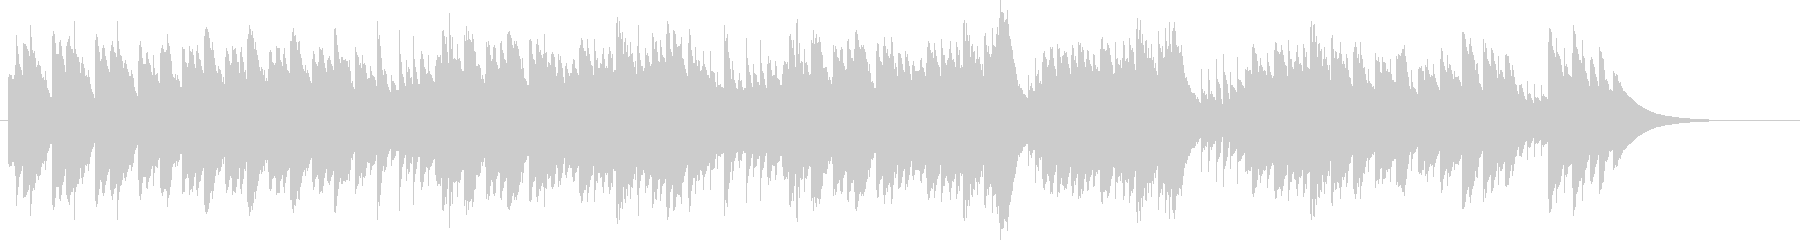 第17番テンペストよりベートーヴェンの未再生の波形